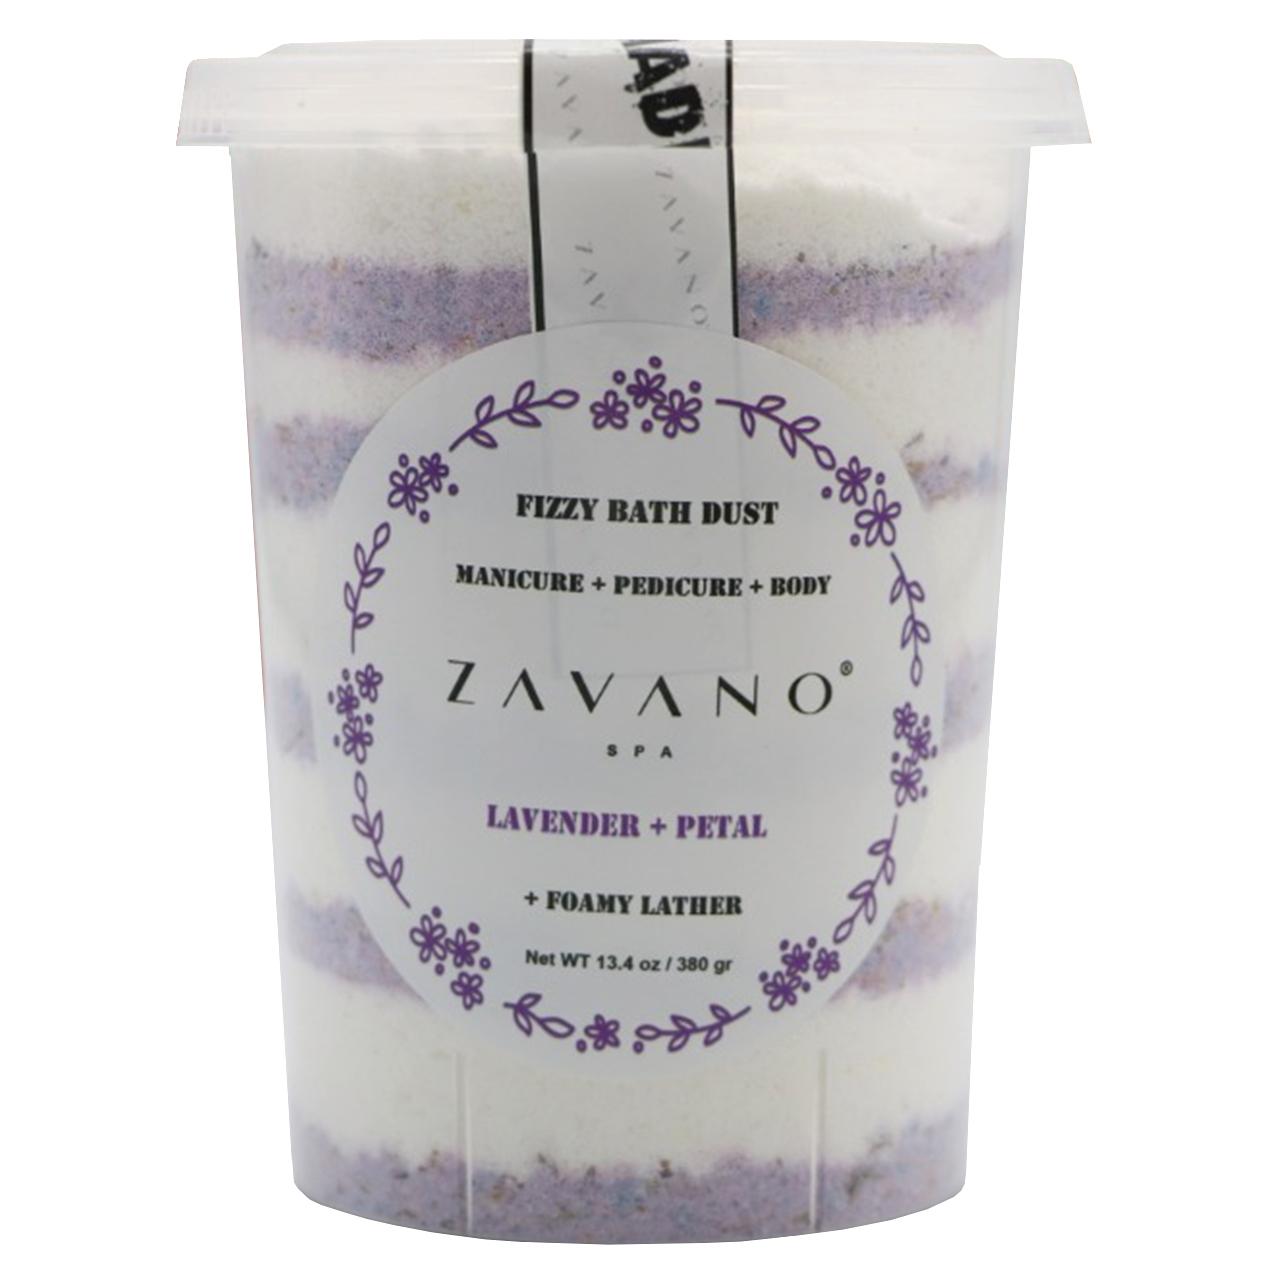 پودر مانیکور و پدیکور زاوانو مدل Lavender وزن 380 گرم